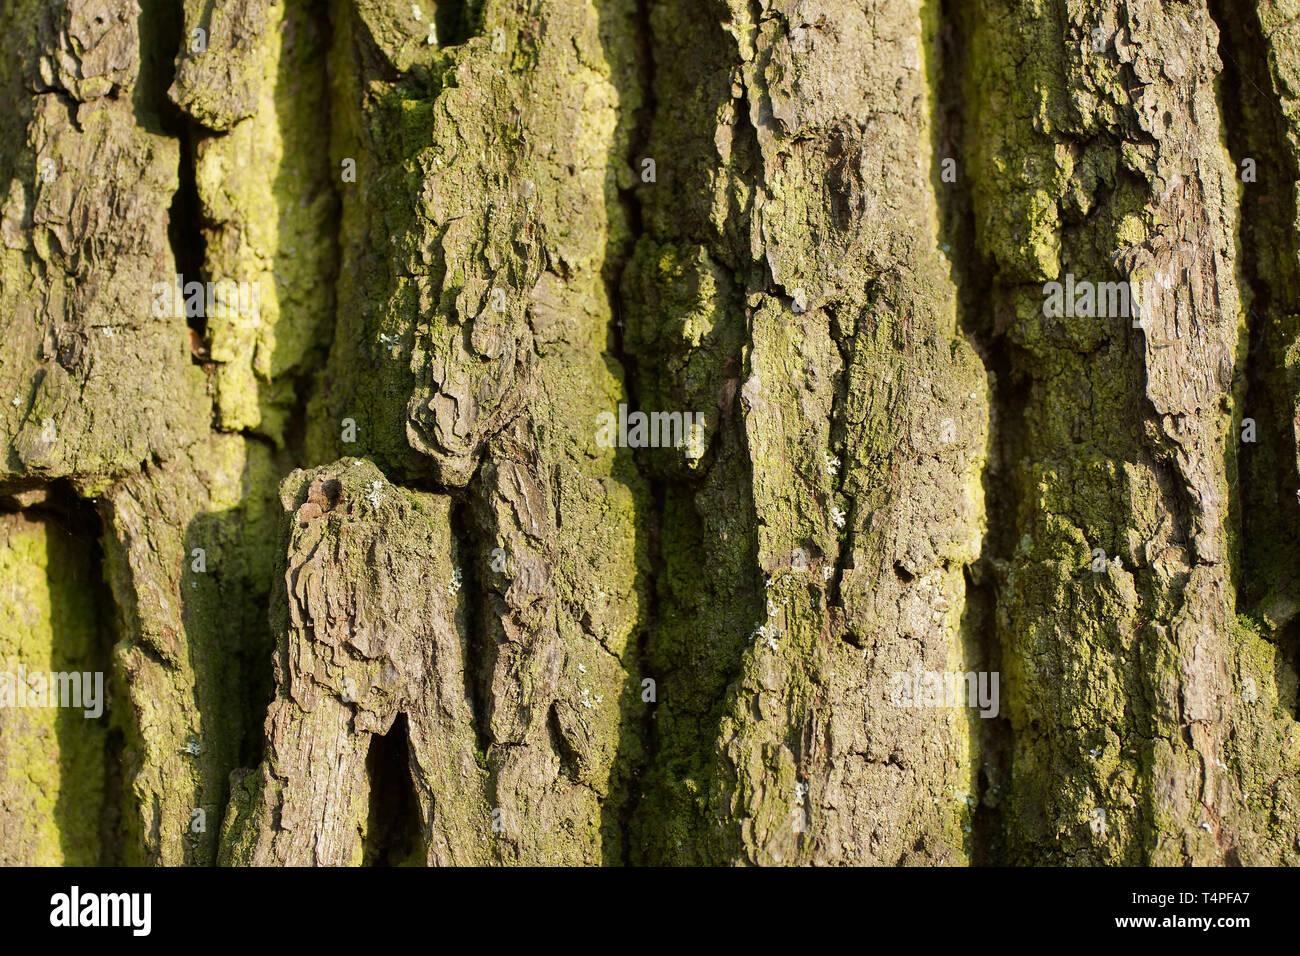 Rinde eines Baumes Stockbild